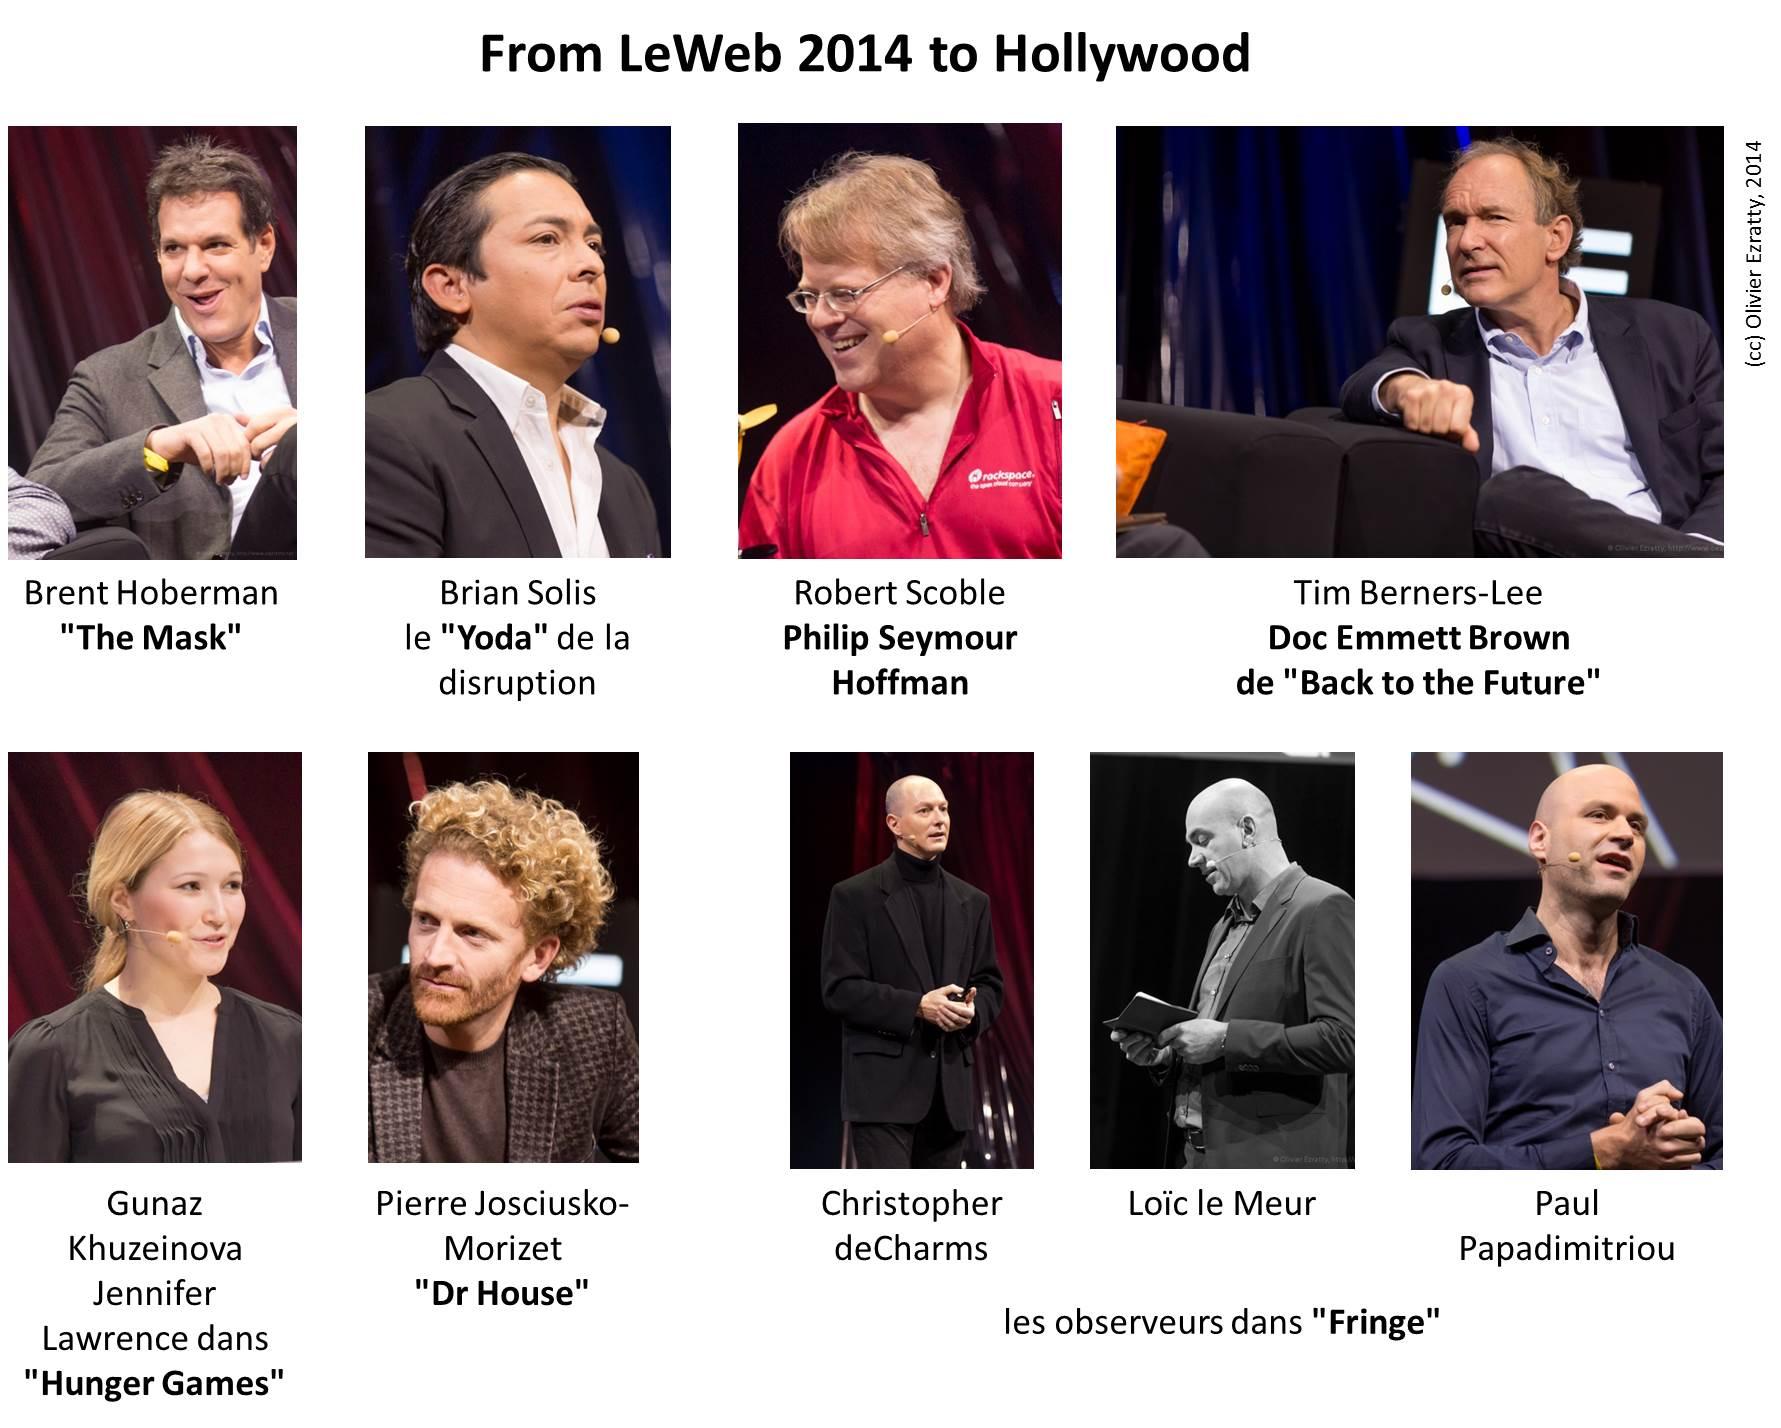 LeWeb 2014 to Hollywood Lookalikes